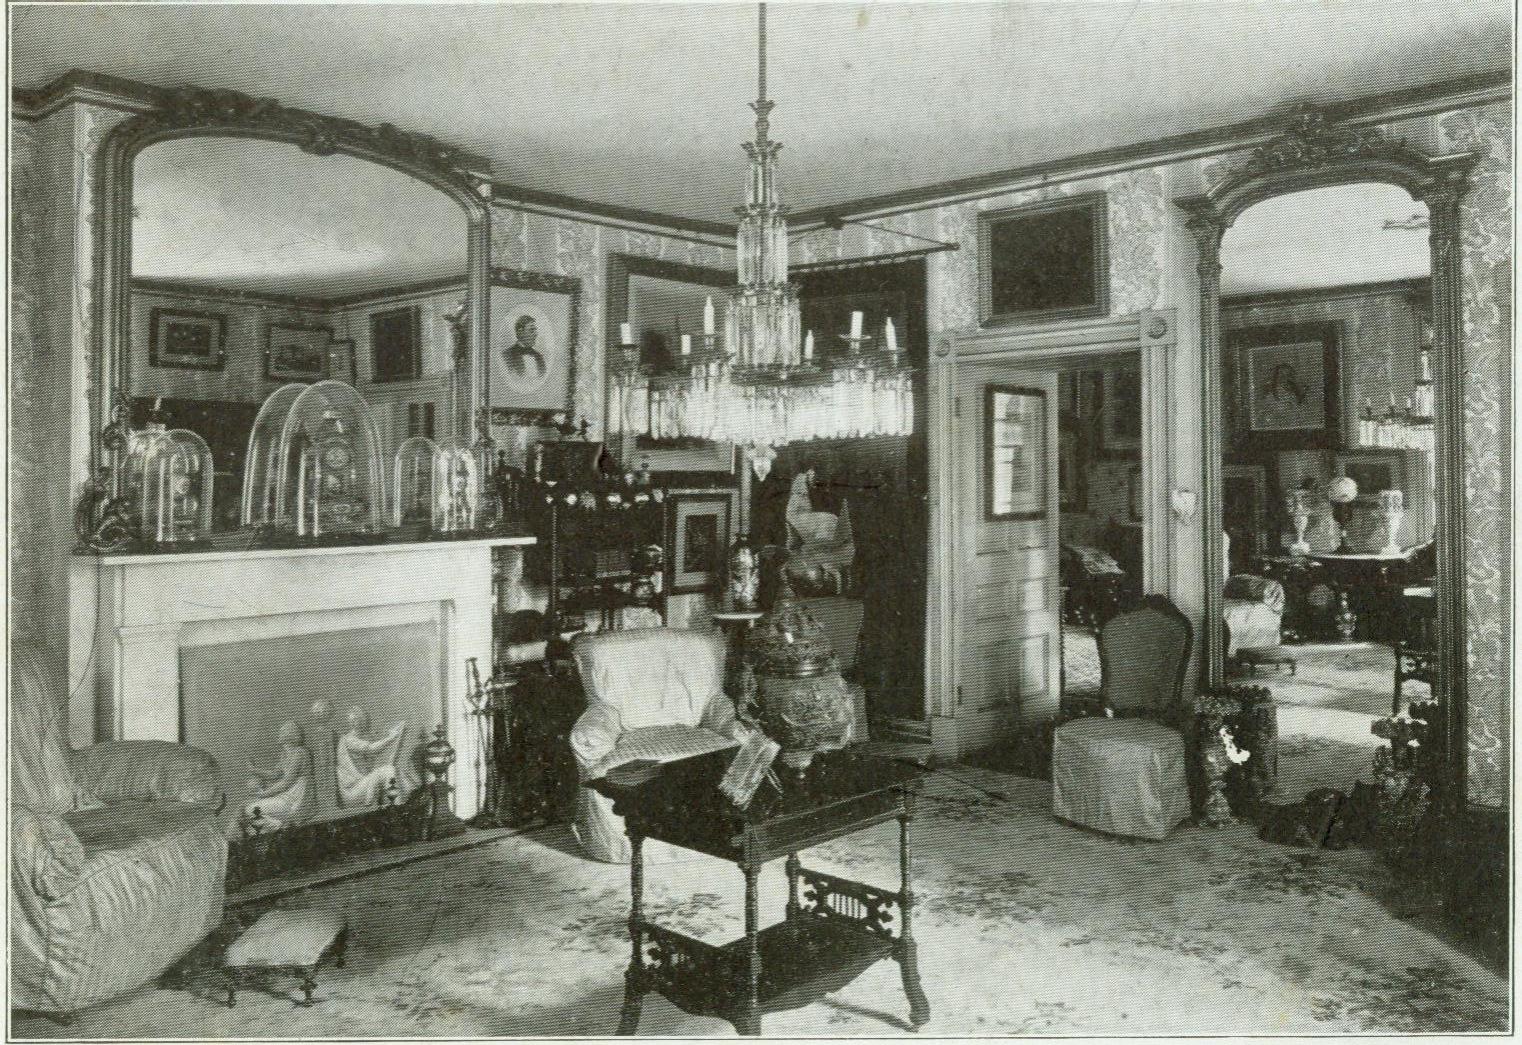 West Parlor, c. 1920s.